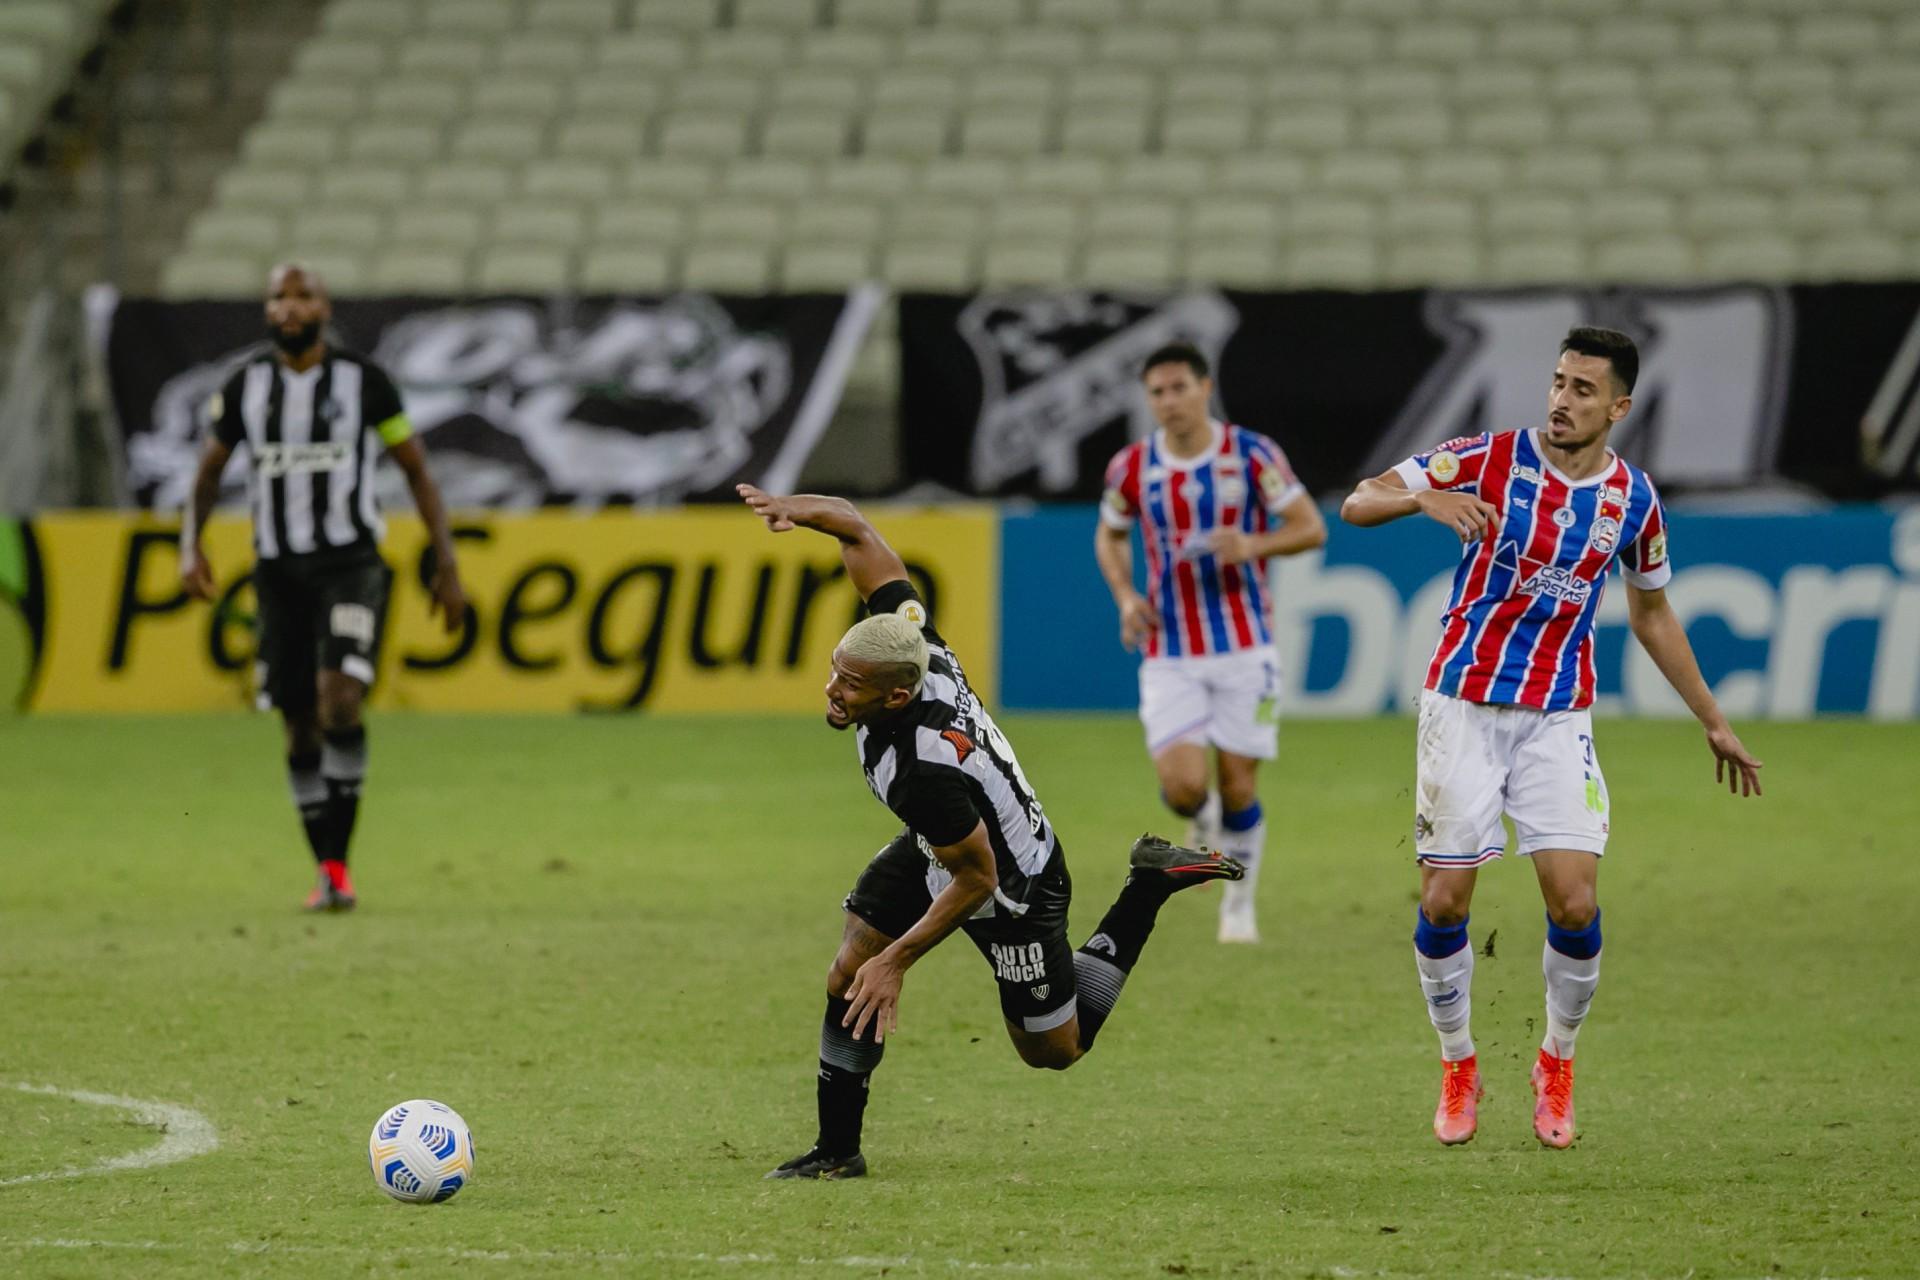 Após abrir o placar, Ceará cedeu a virada com dois gols em 9 minutos